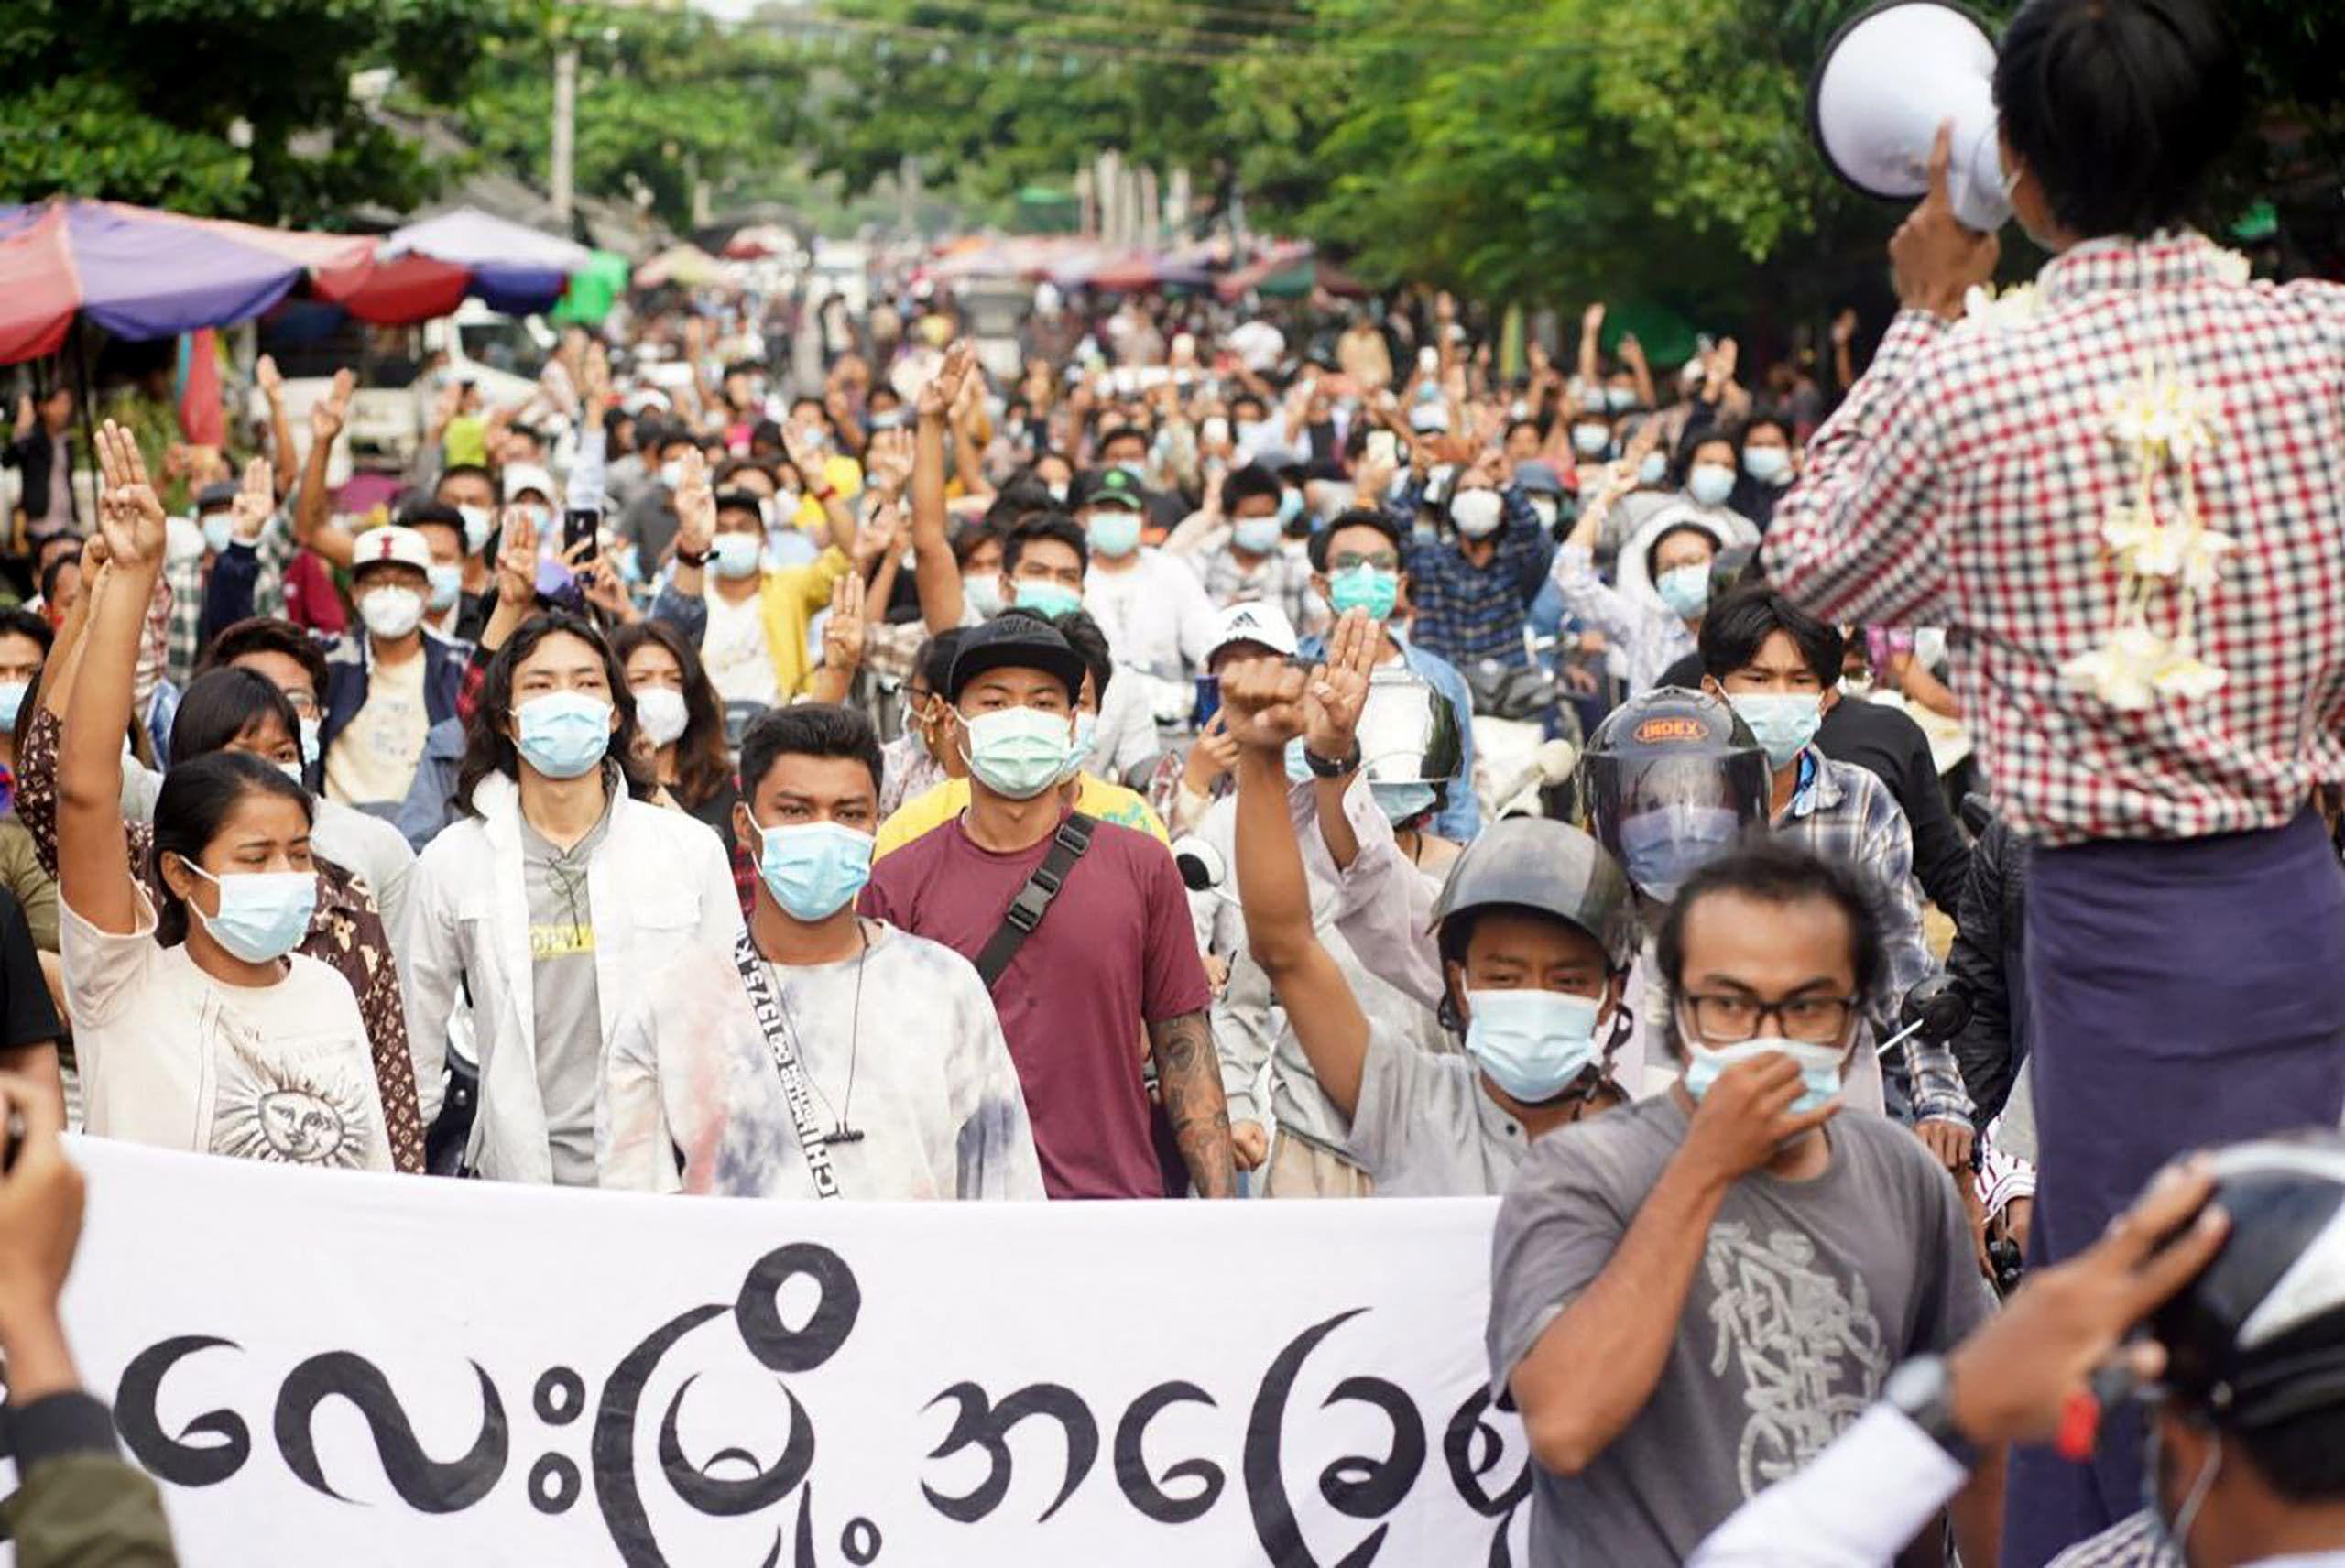 من الاحتجاجات المناهضة للانقلاب في مدينة ماندلاي اليوم